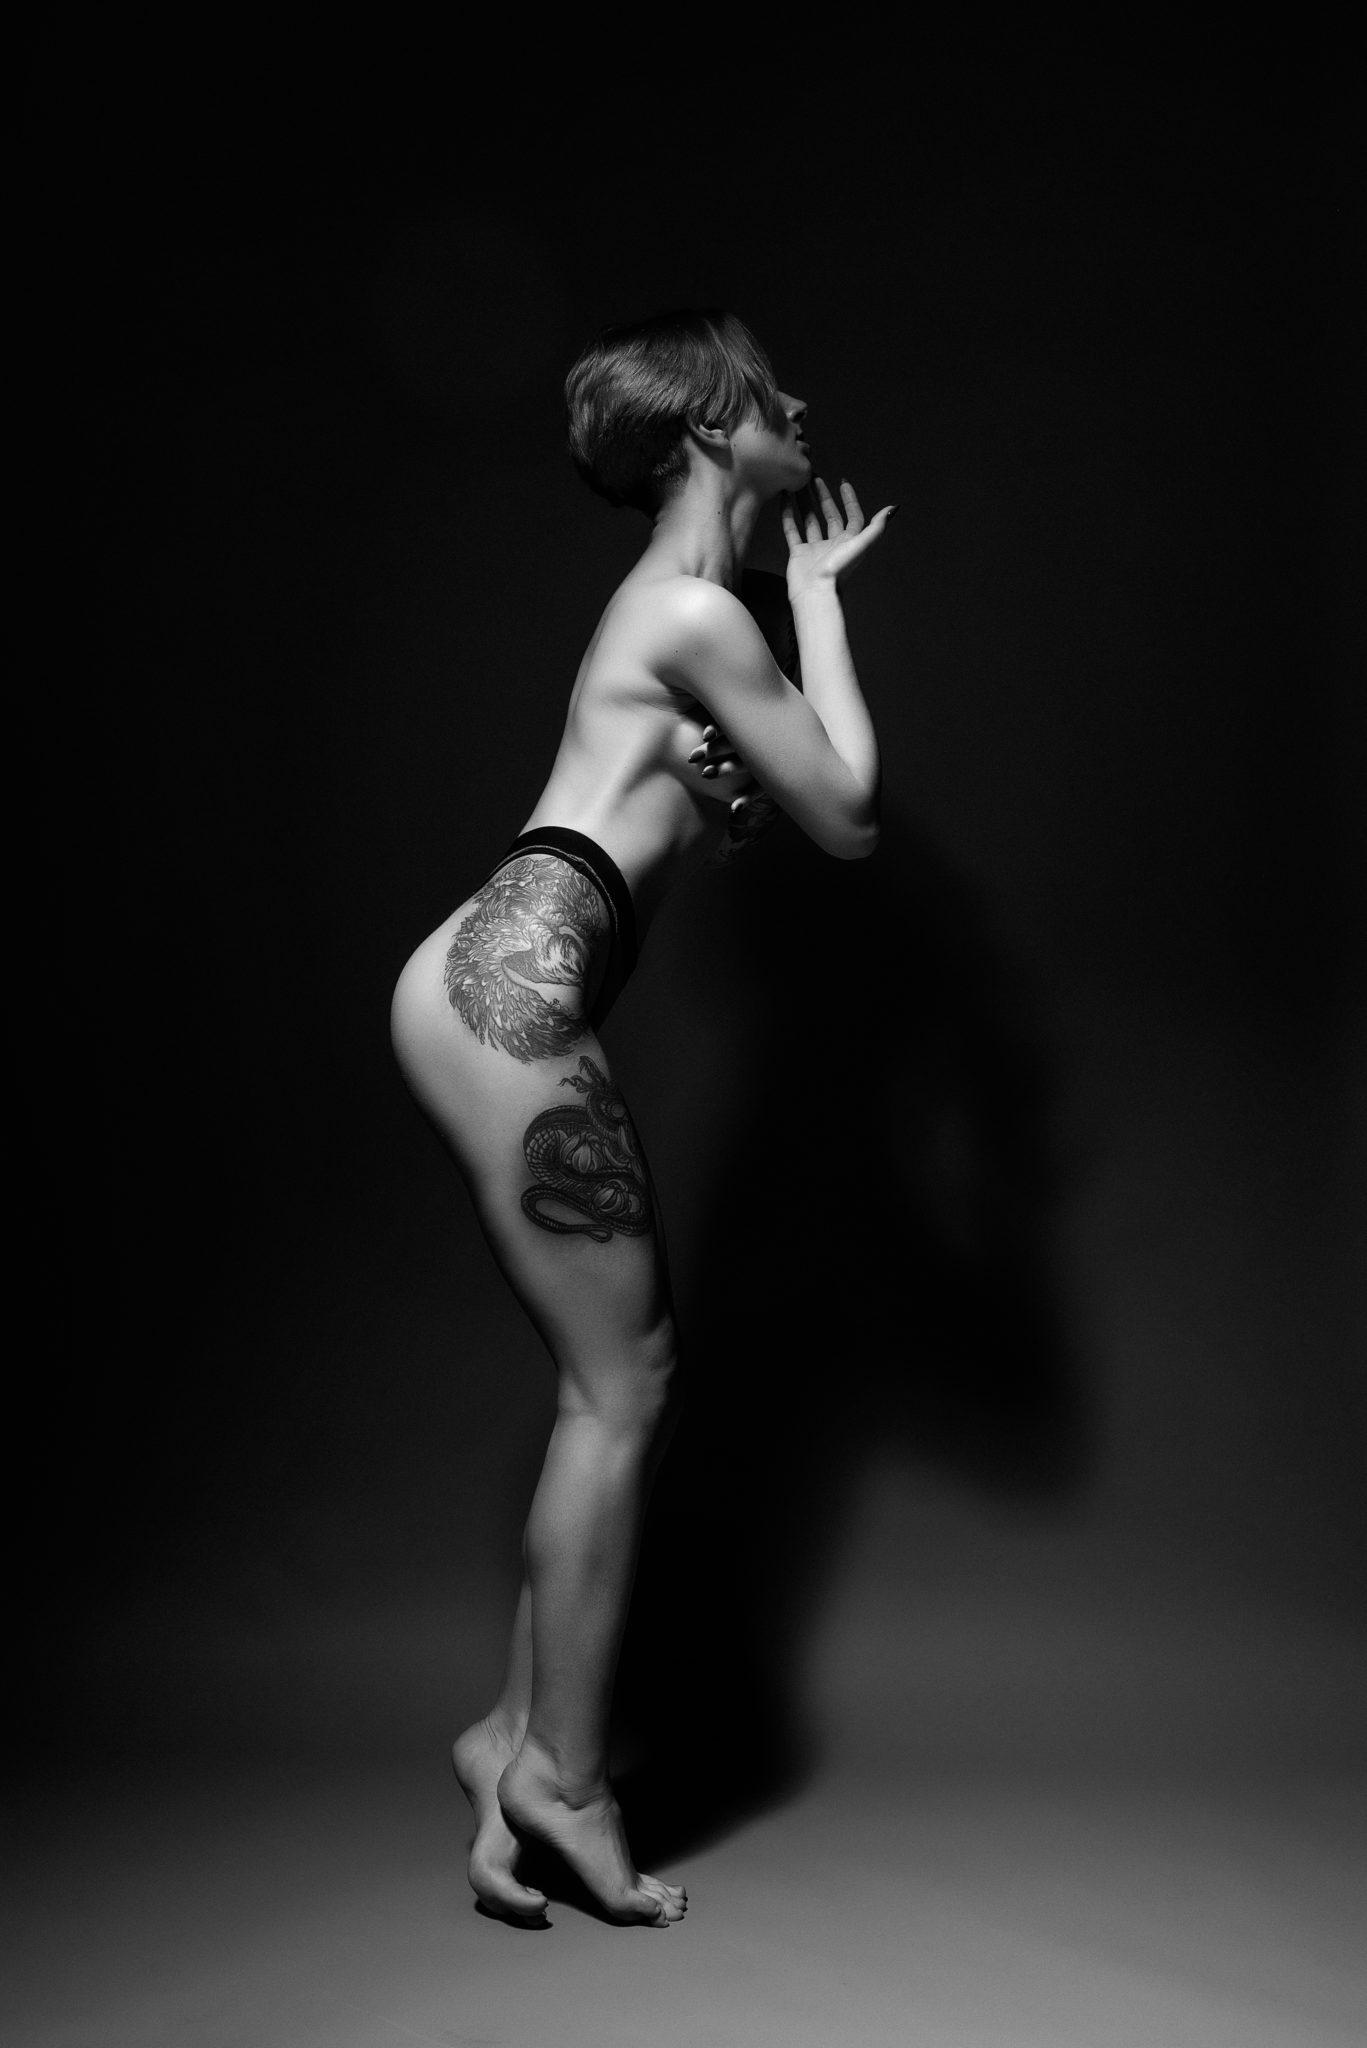 Портфолио ню фотосессии, фотограф Алиса Постниковой, модель Валерия Ионеску, в белье на черном фоне, чб фото